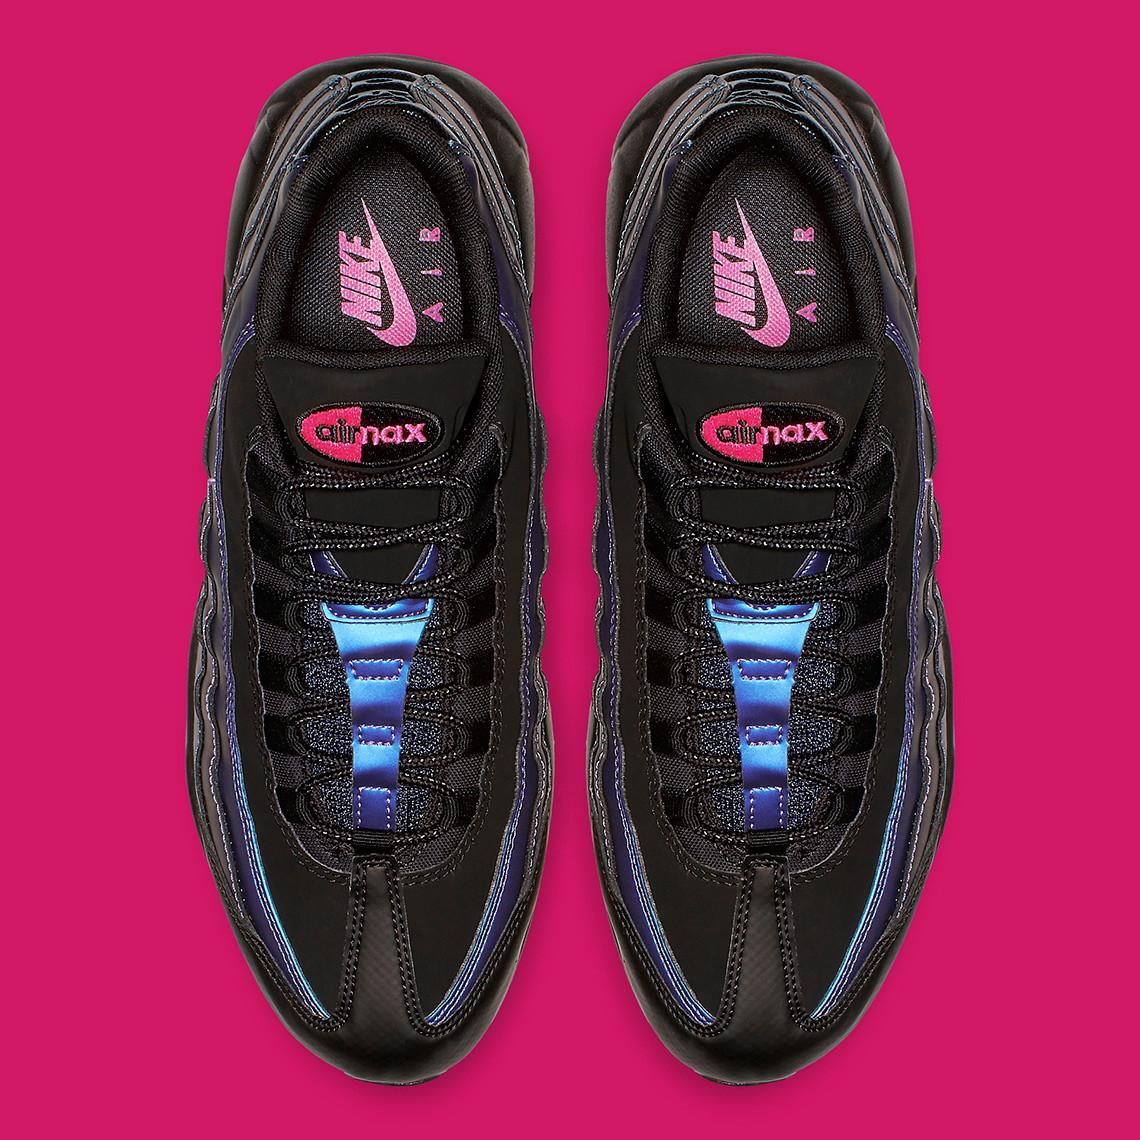 Nike Air Max 95 Premium BlackLaser Fuchsia – Feature